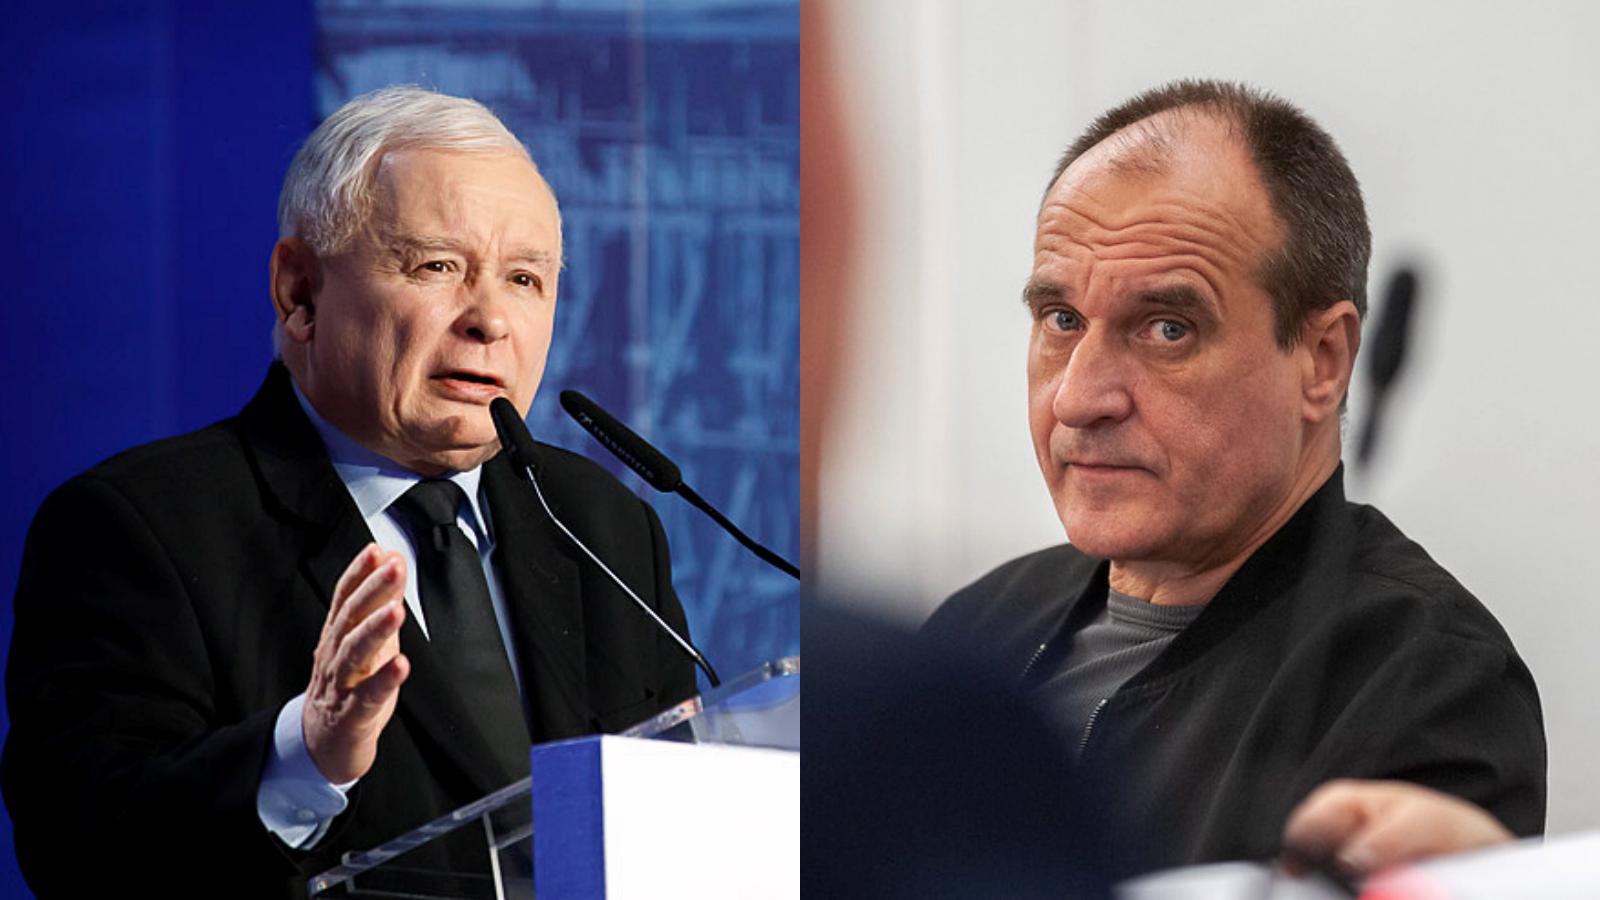 Kaczyński dogadał się z Kukizem ws. zmiany ordynacji wyborczej na wzór węgierski? Kukiz odpowiada